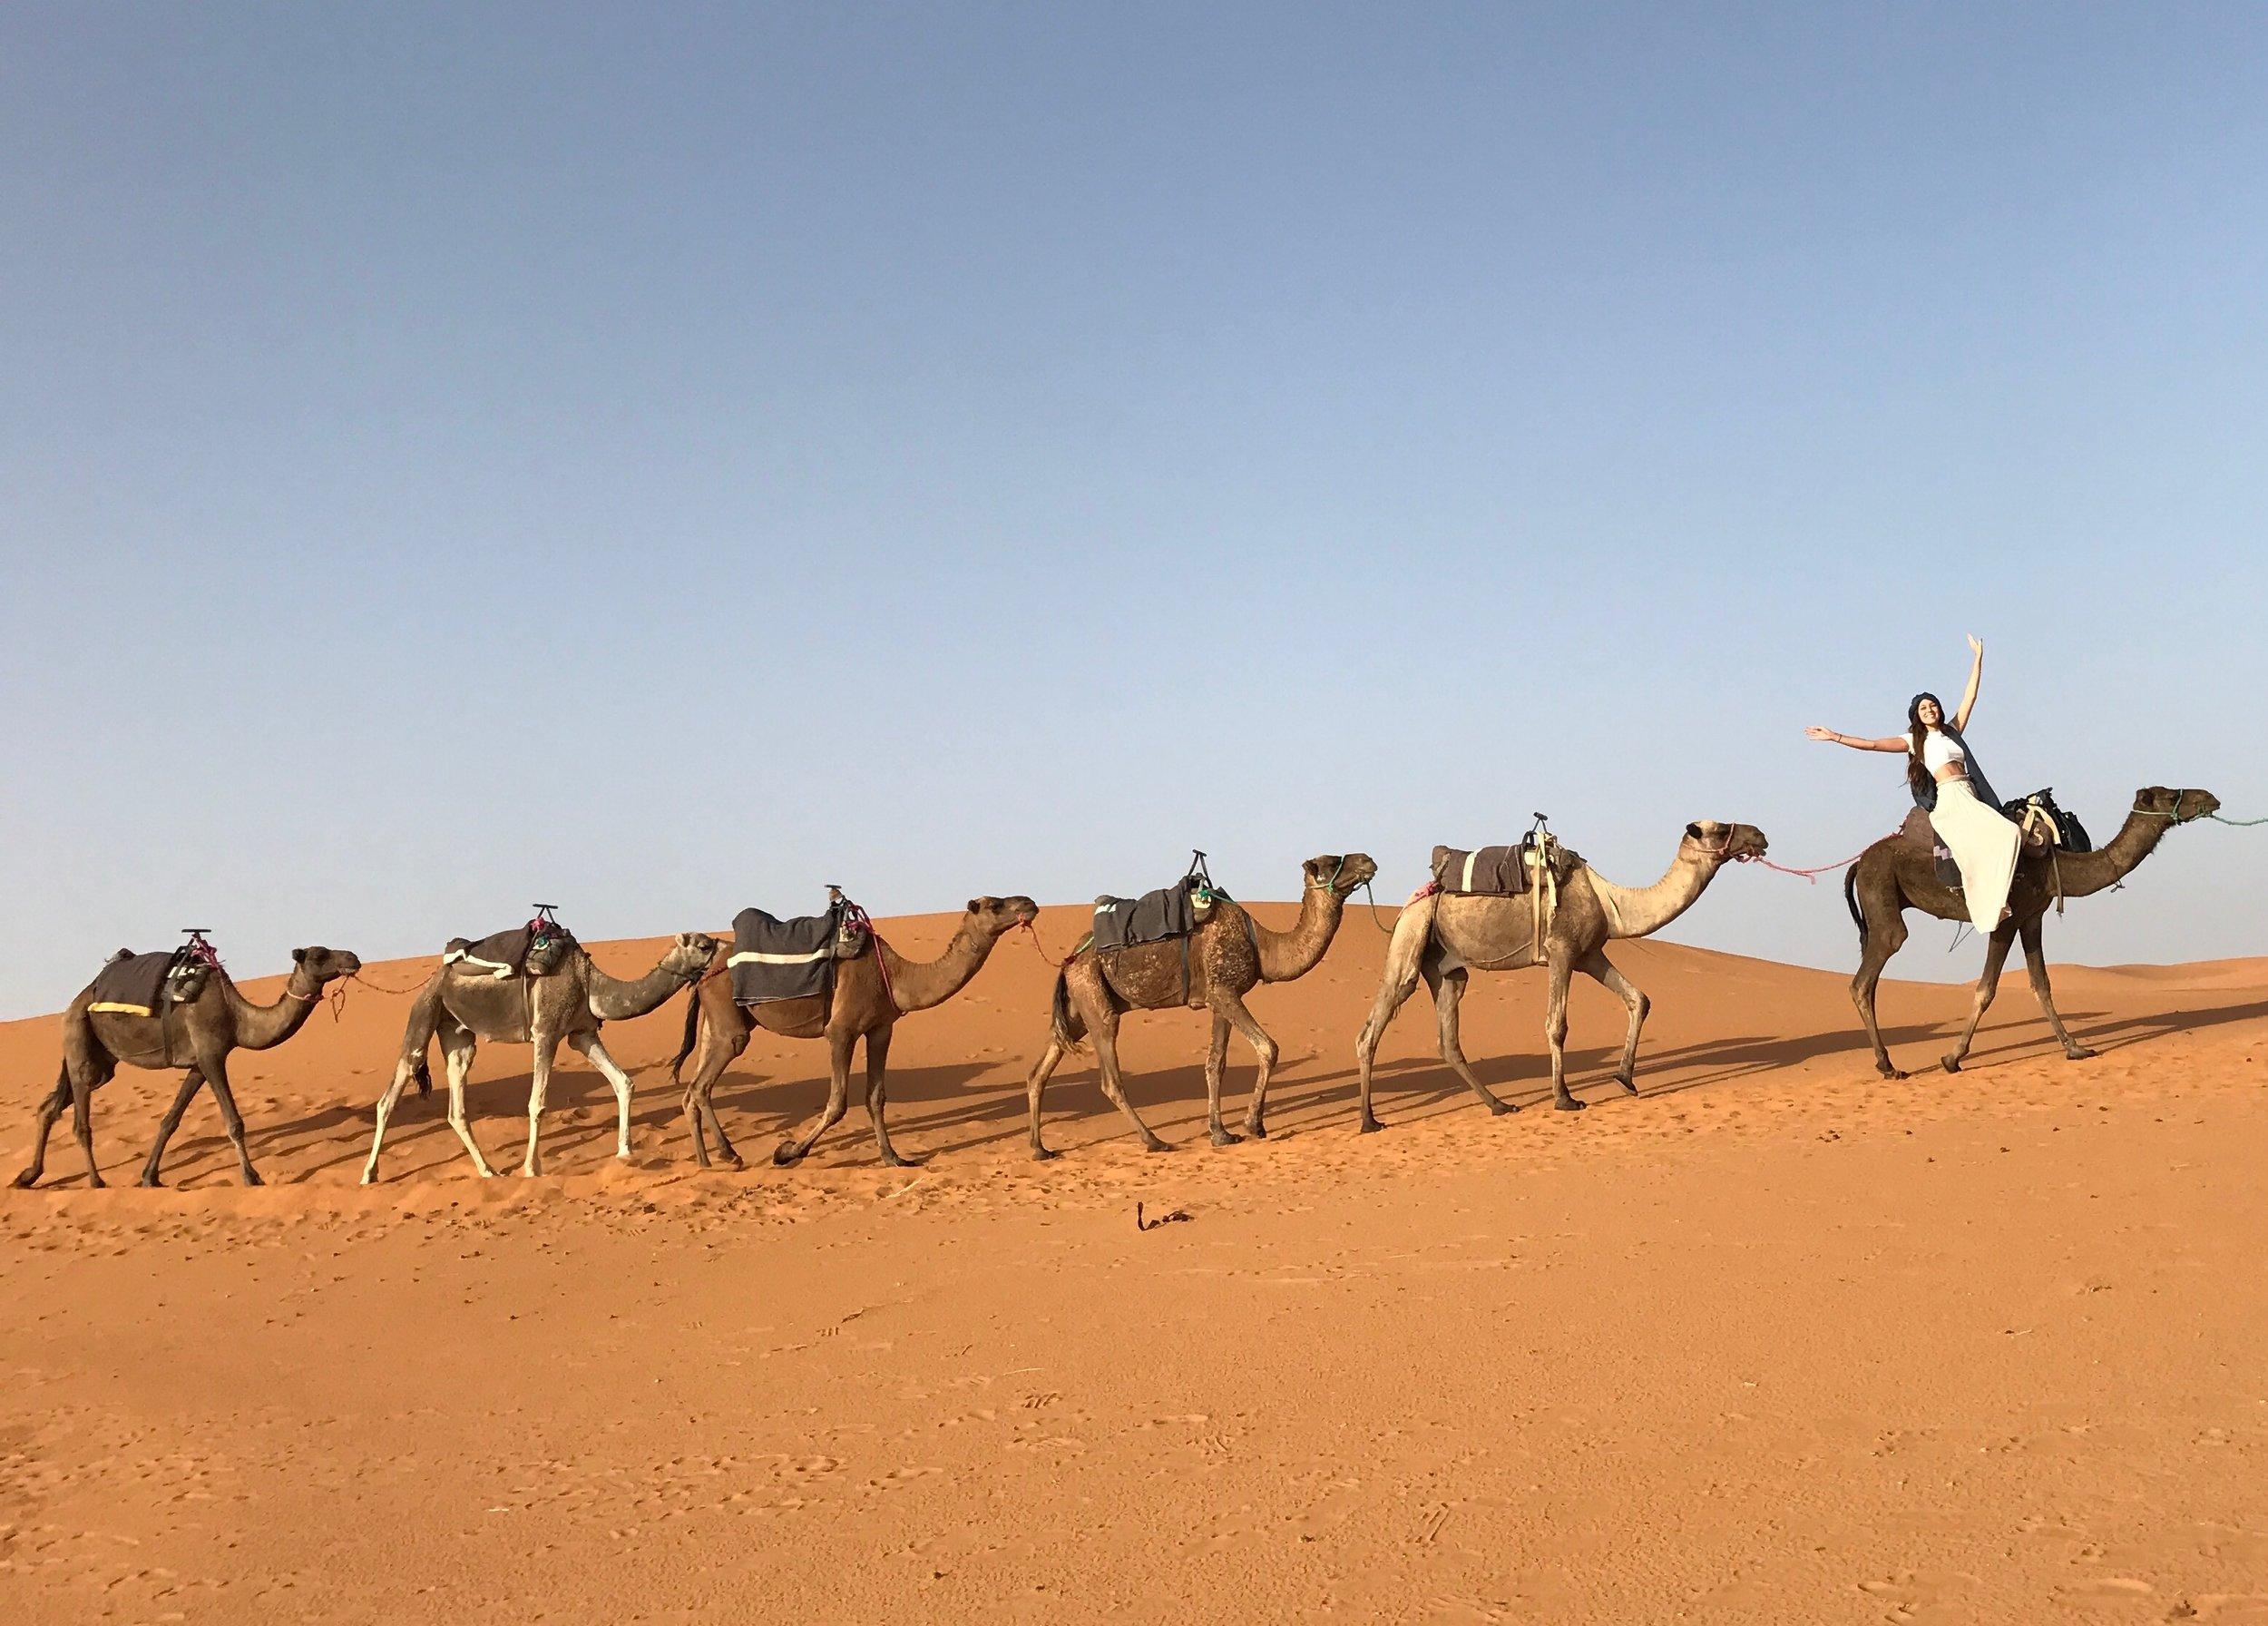 Sahara Desert - Merzouga Morocco, October 2016